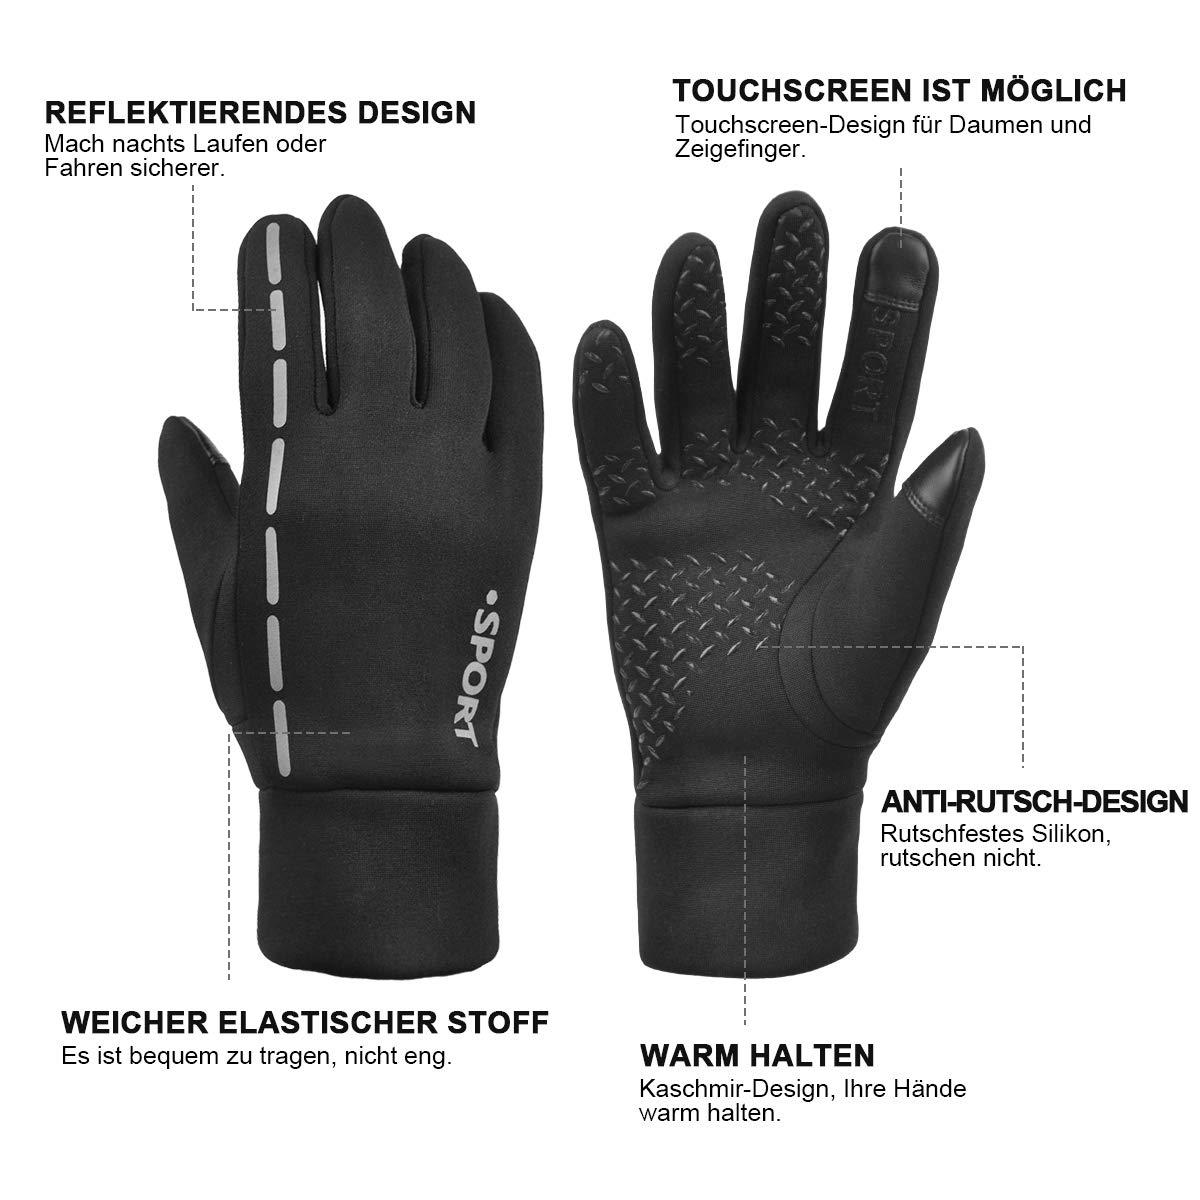 Fahrradhandschuhe Winter, Warm Touchscreen Handschuhe LaufenHandschuhe mit Reflexstreifen Rutschfest Winddicht für Damen Herren Sport Outdoor Wandern (Schwarz, M)